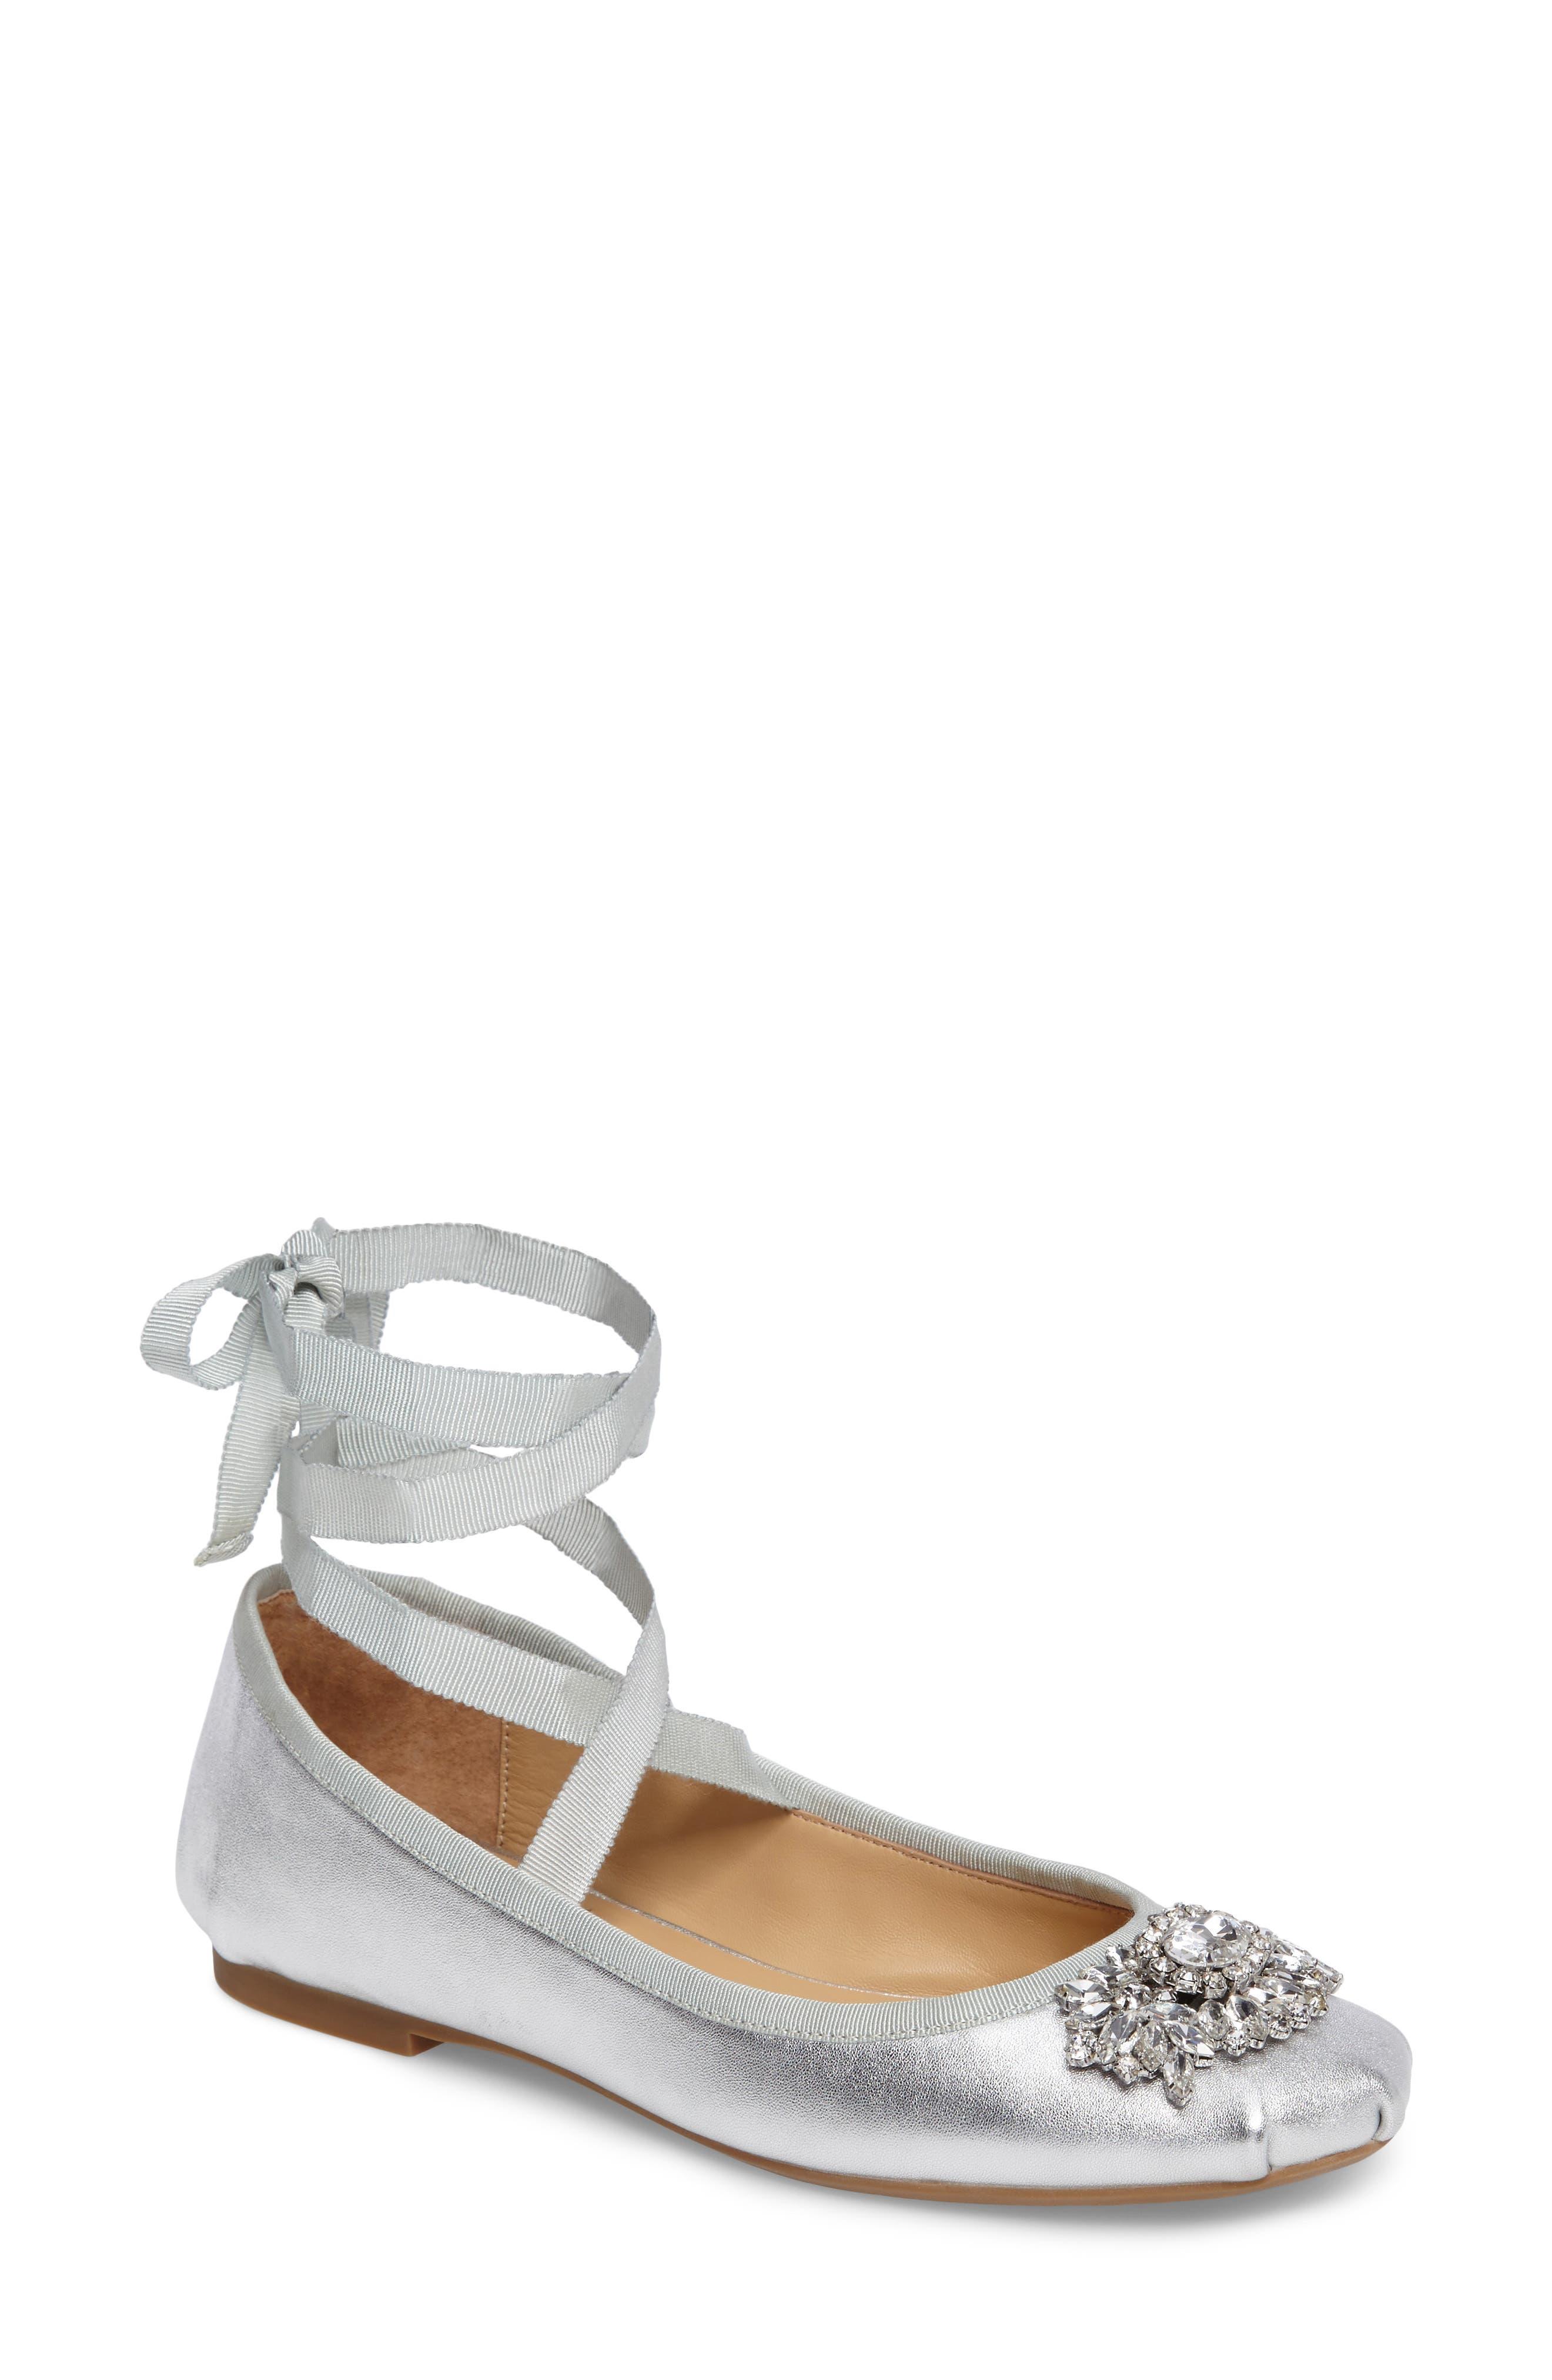 Alternate Image 1 Selected - Badgley Mischka Karter II Embellished Ankle Wrap Ballet Flat (Women)